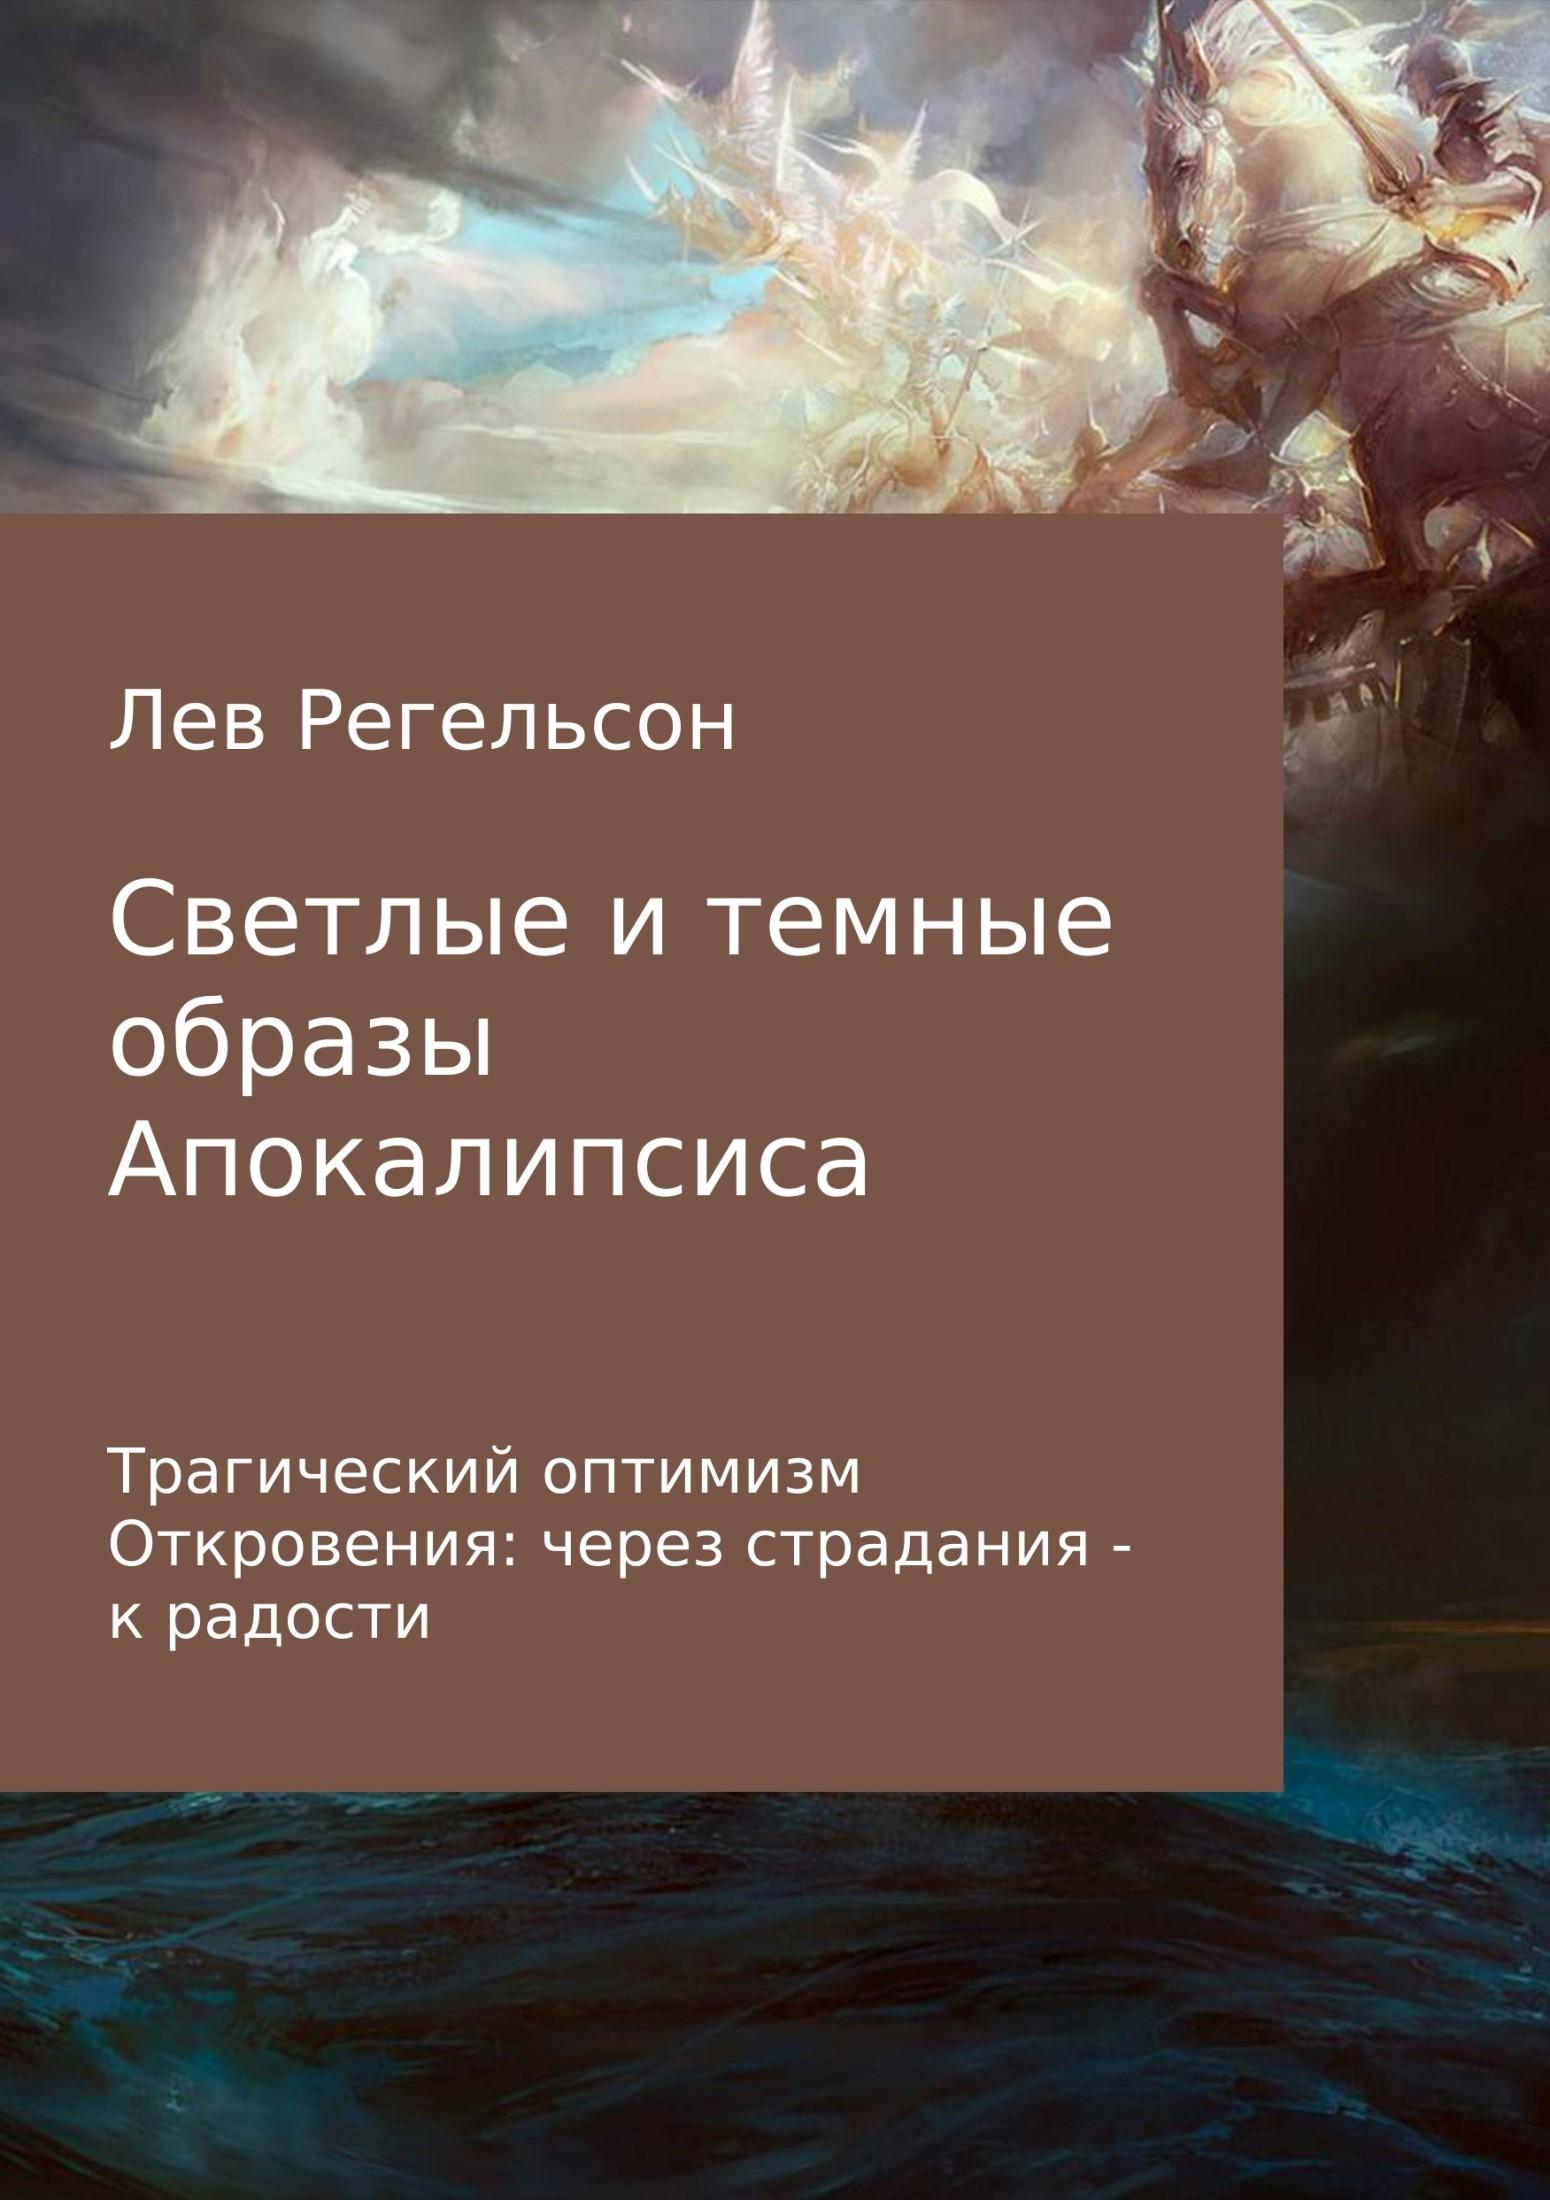 Лев Львович Регельсон Светлые и темные образы Апокалипсиса